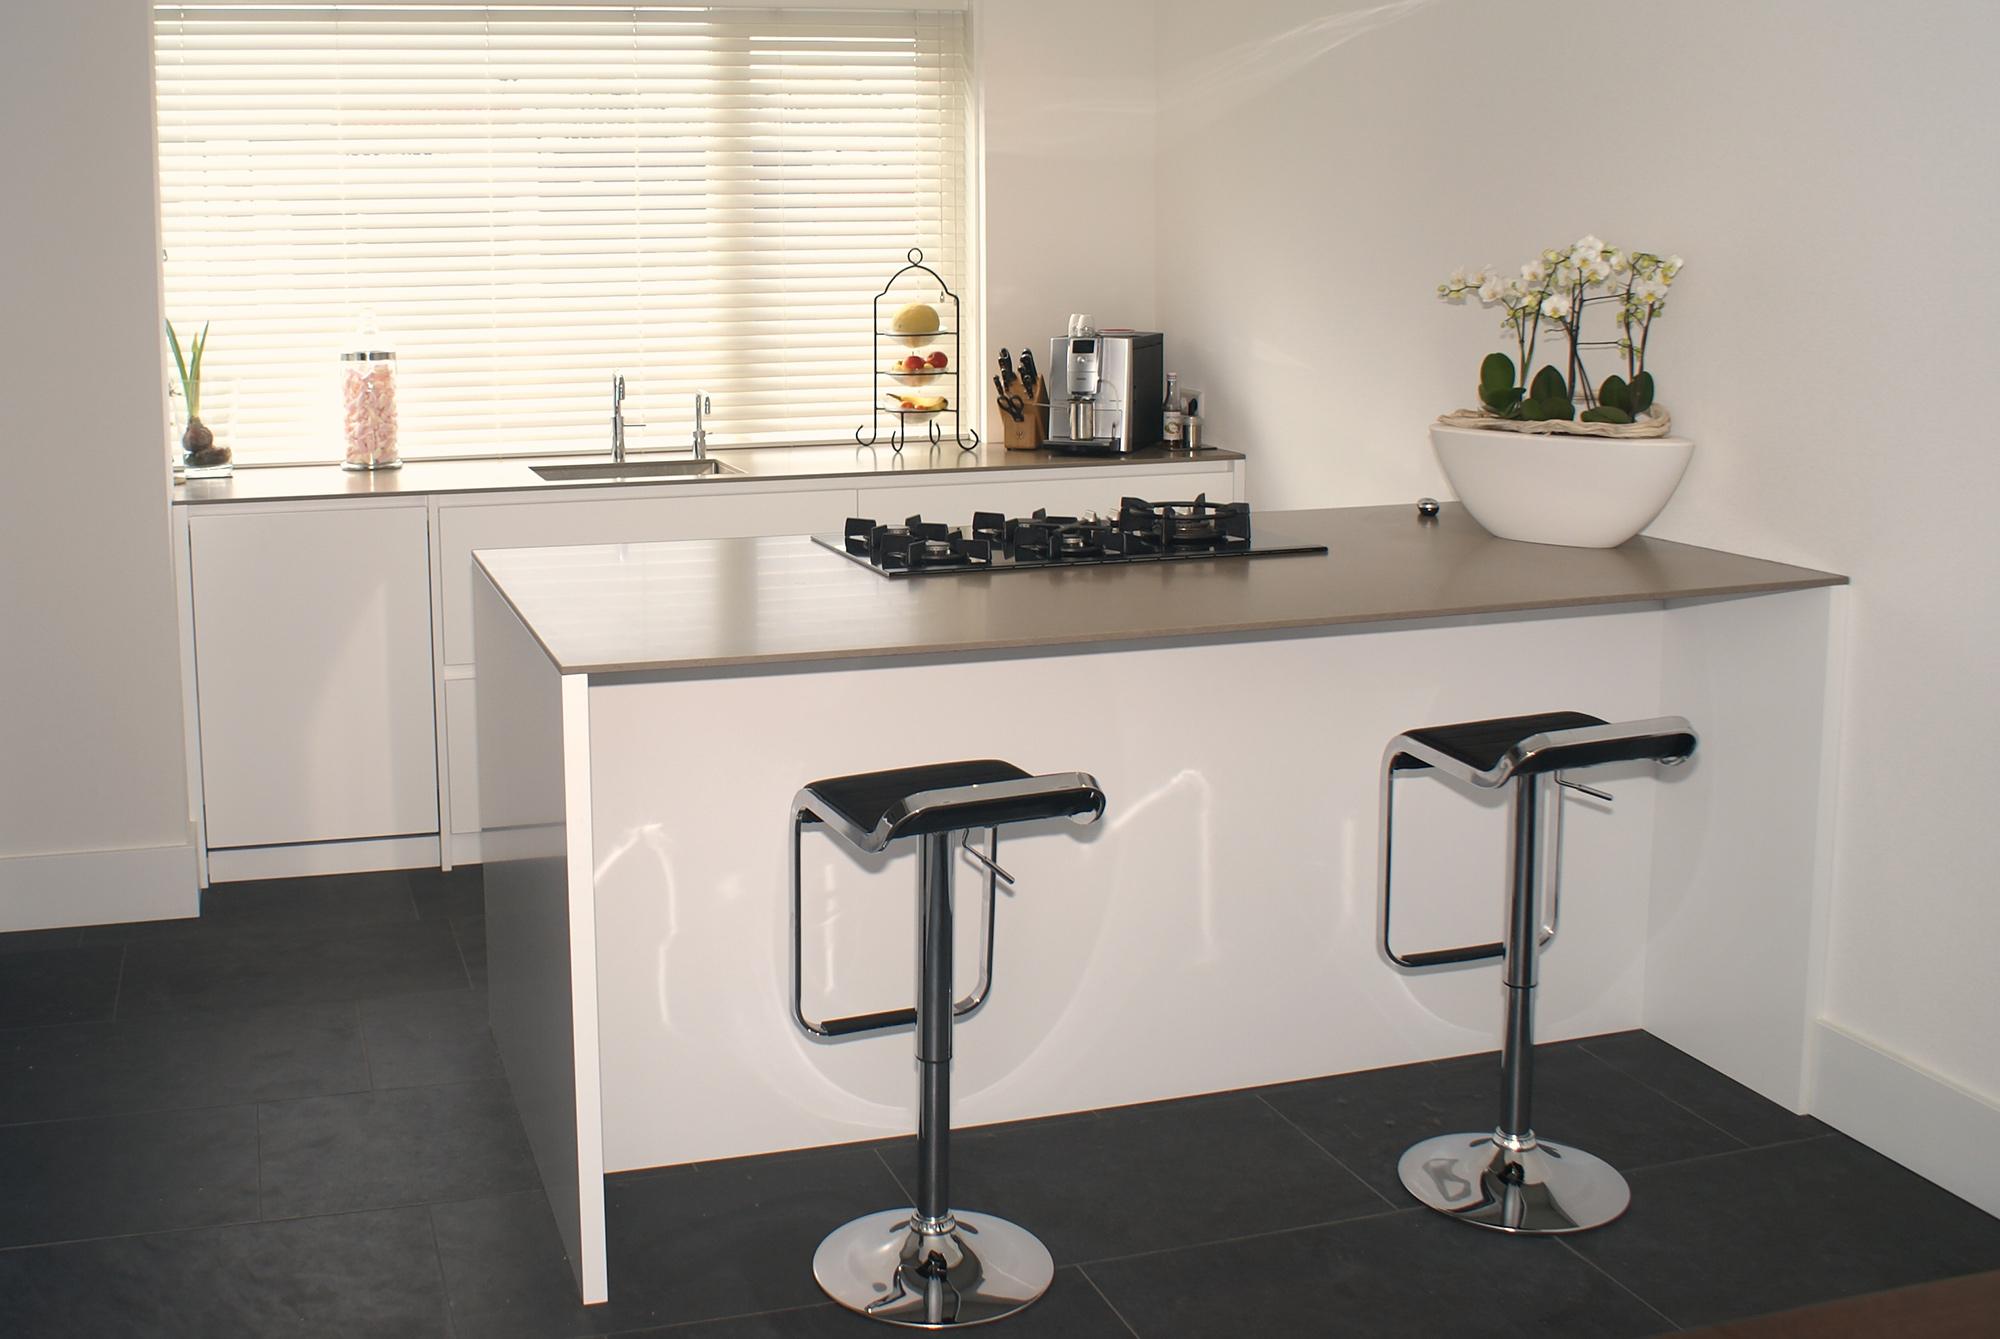 Luxe Keuken Met Kookeiland : keuken met kookeiland gecombineerd met een eikenhouten gebeitste